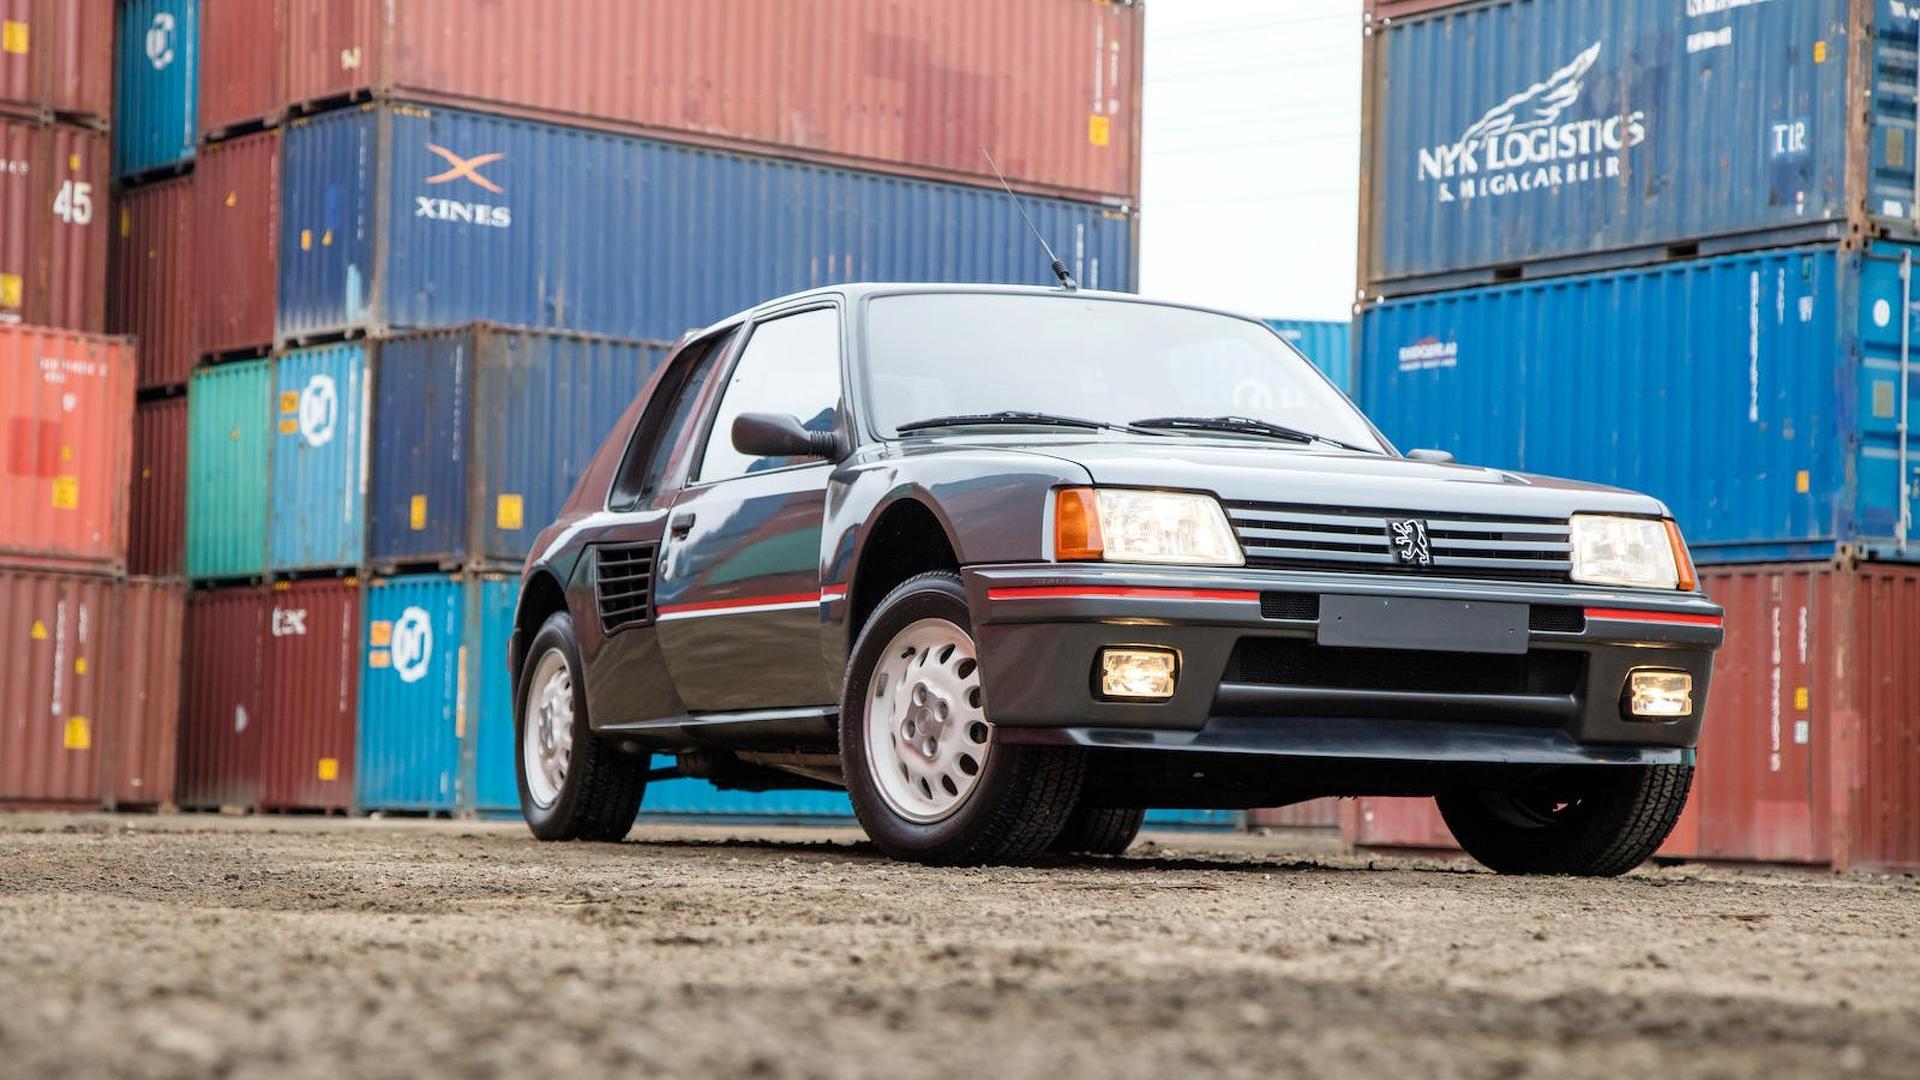 1985_Peugeot_205_Turbo_16_48